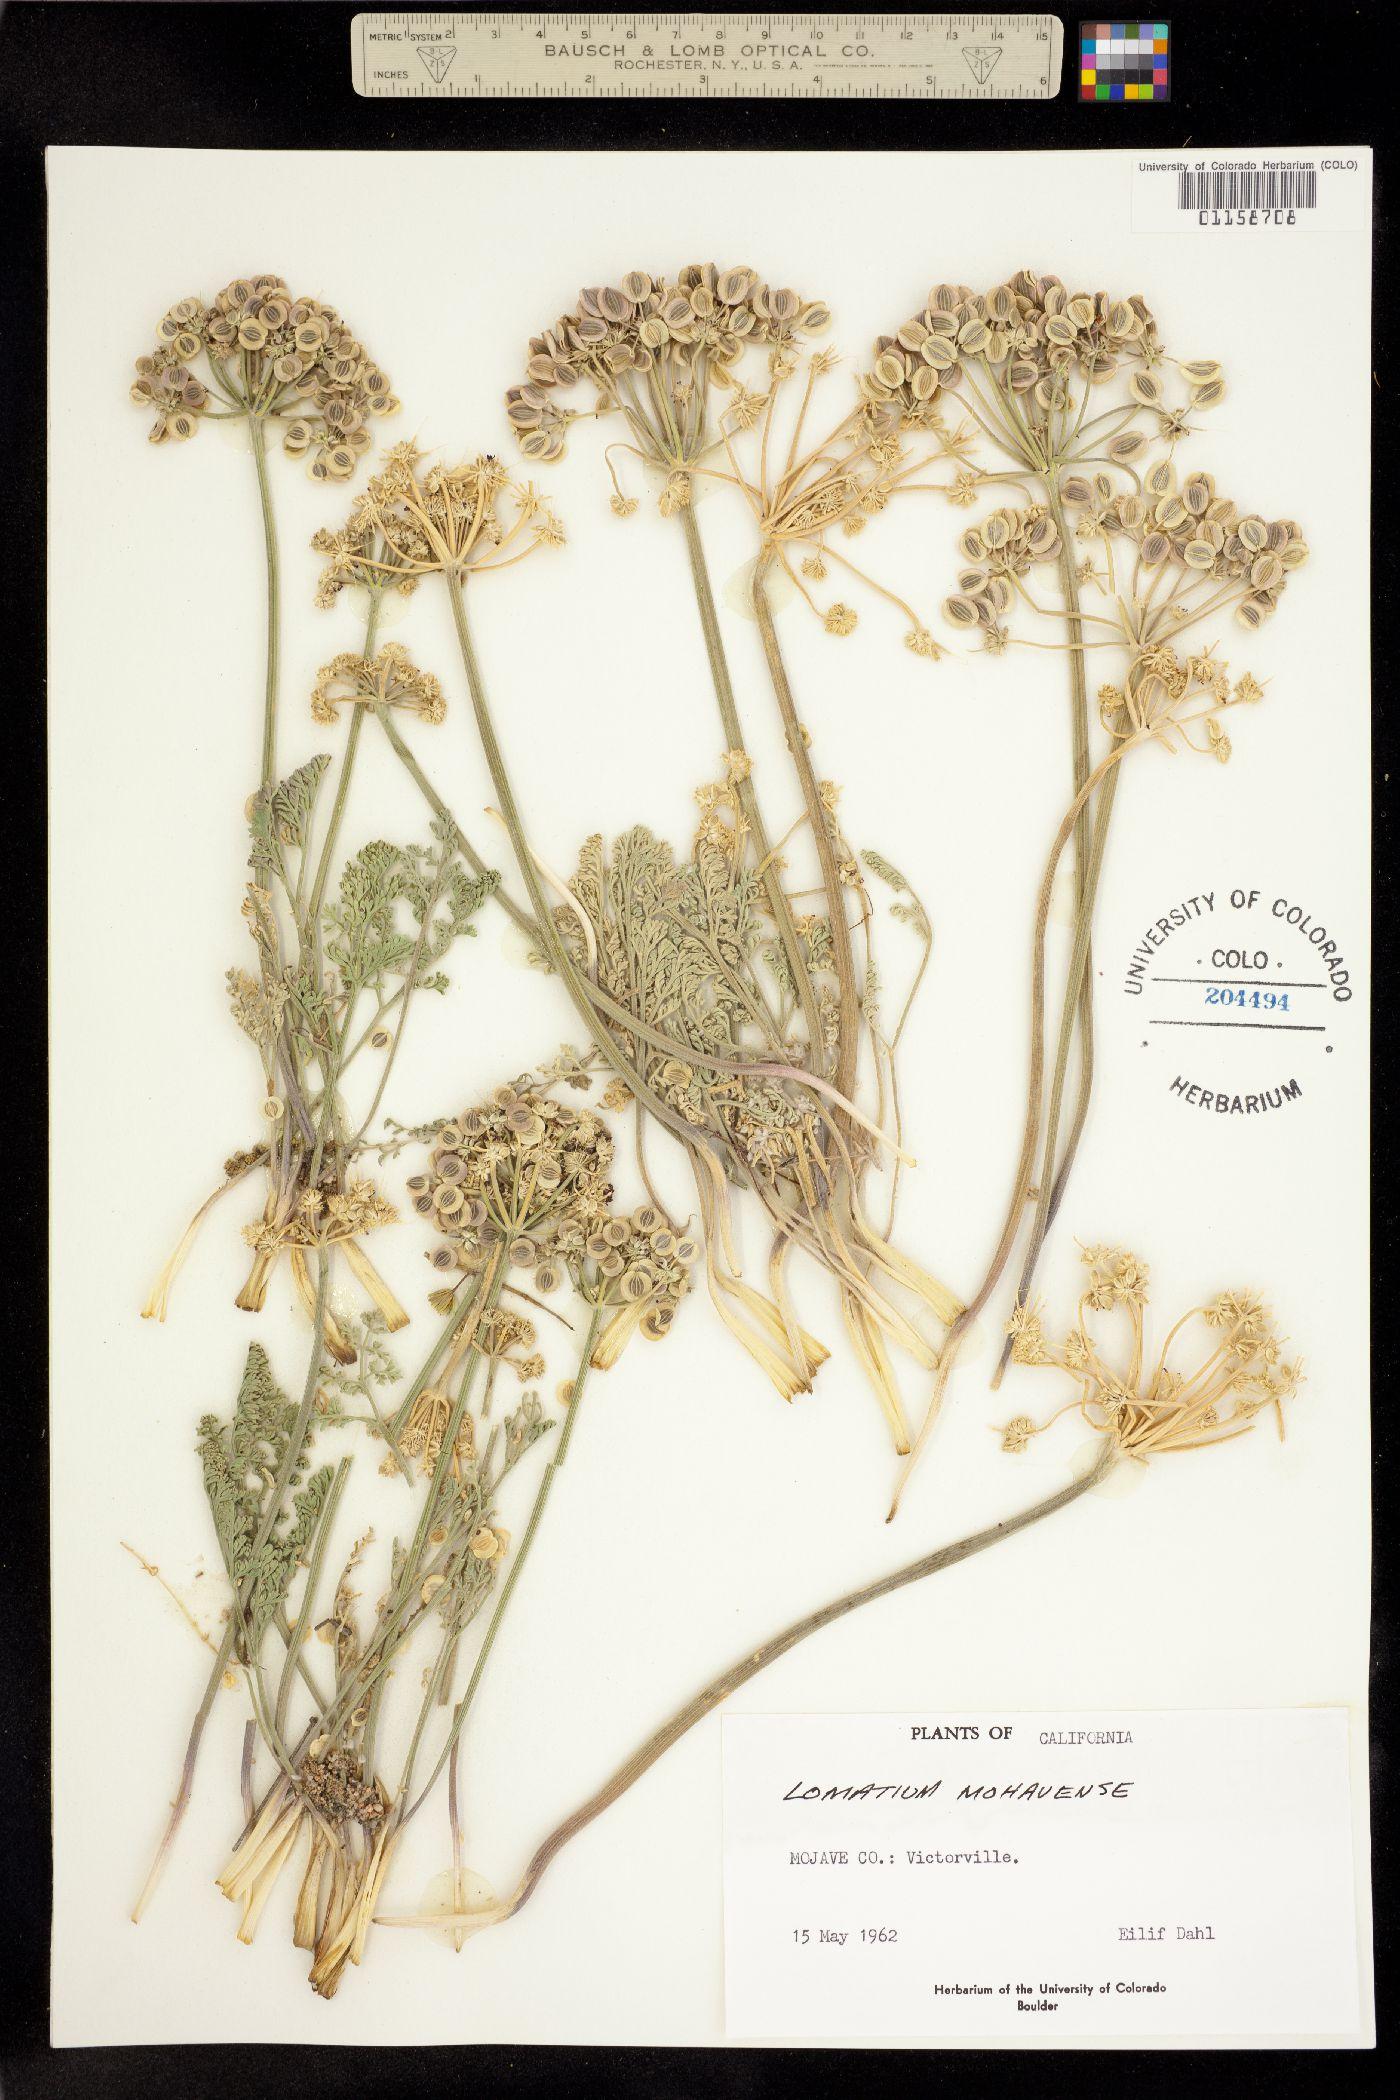 Lomatium mohavense image